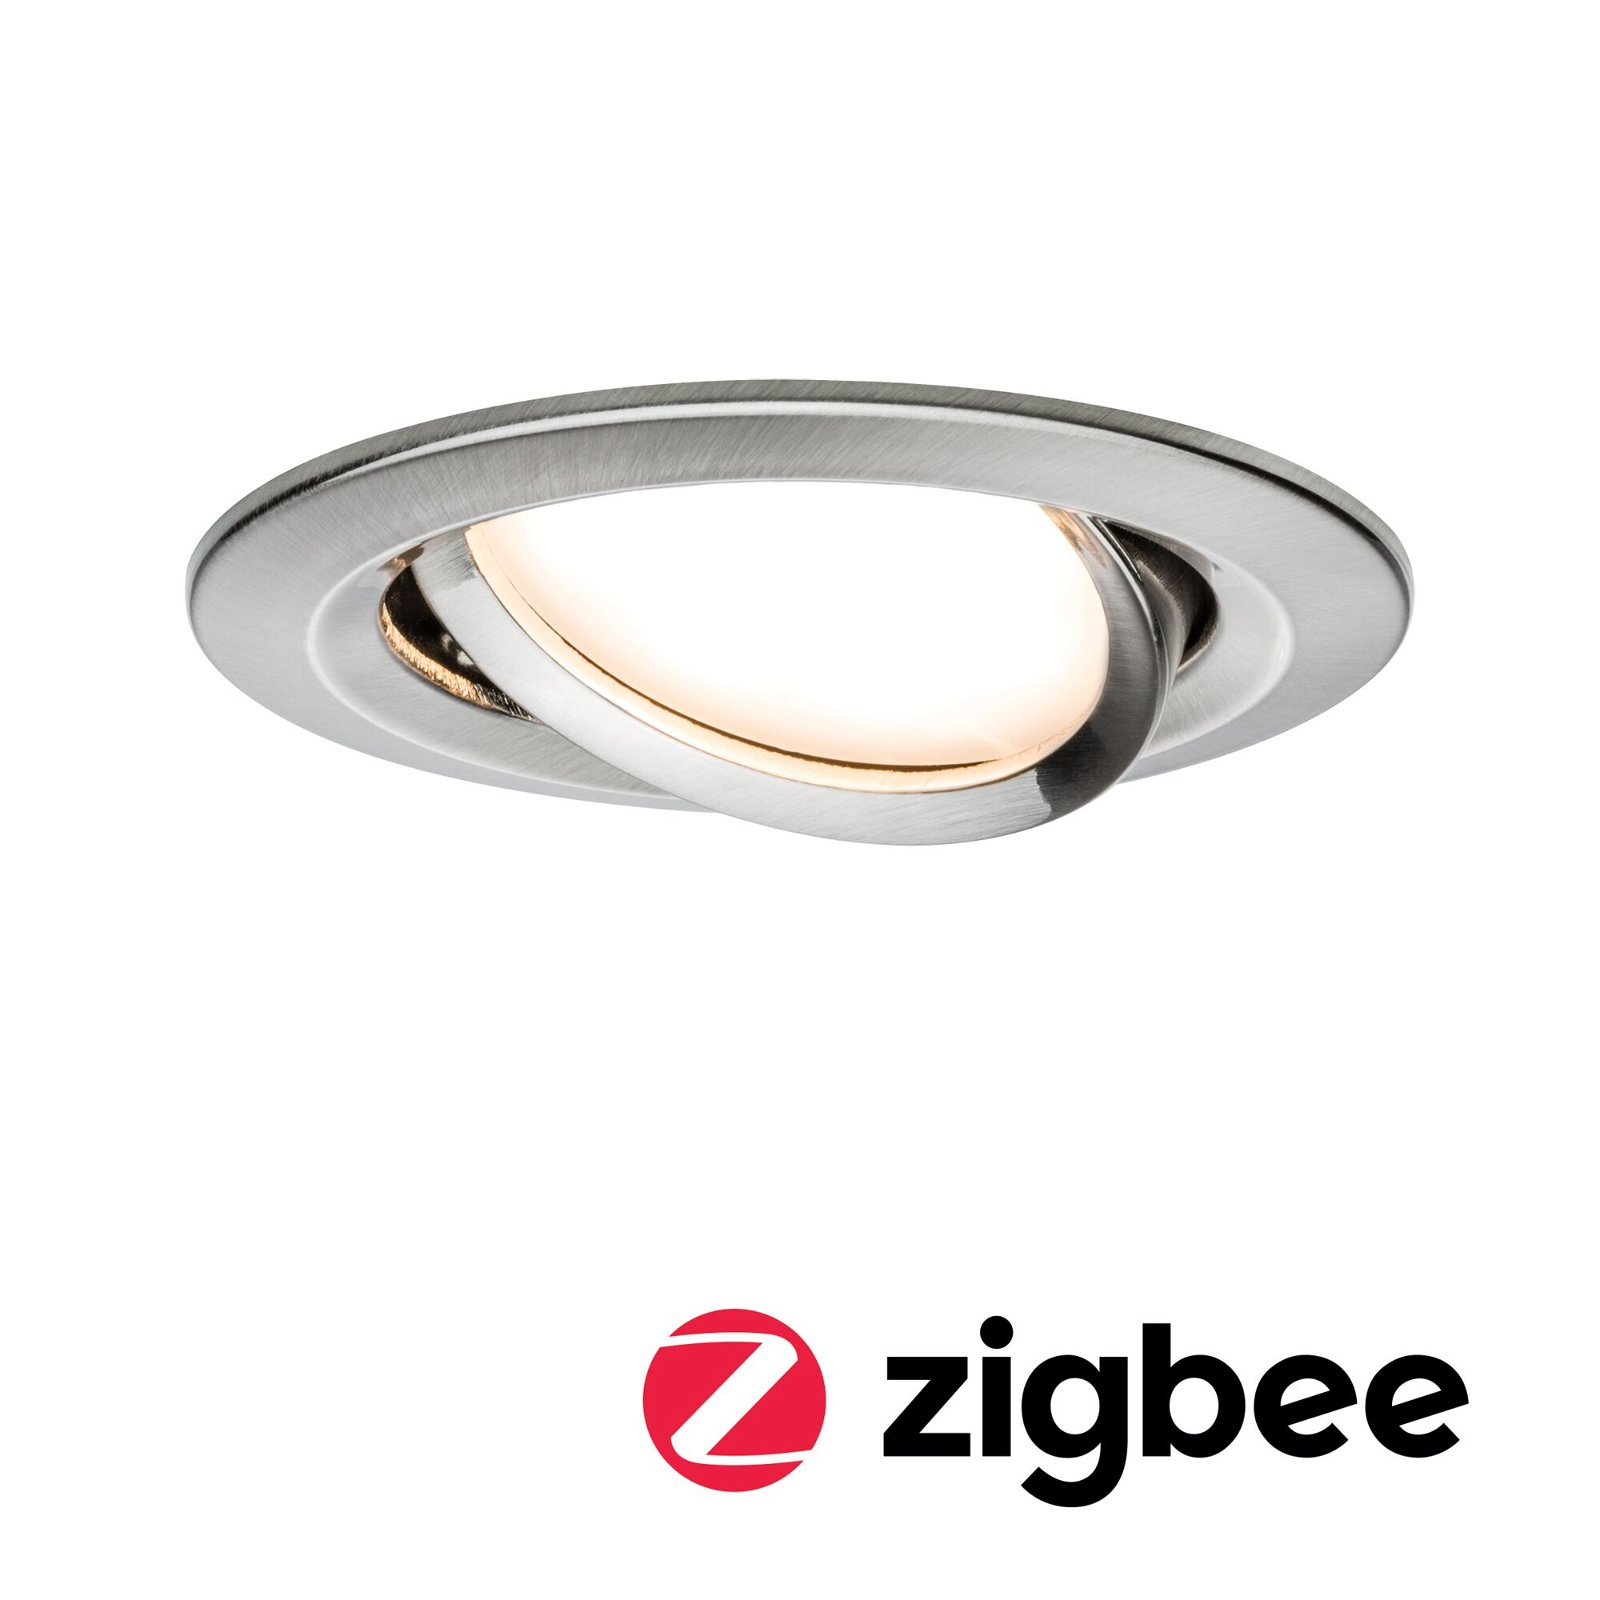 LED Einbauleuchte Smart Home Zigbee Nova Plus Coin schwenkbar rund 84mm 50° Coin 6W 460lm 230V 2700K Eisen gebürstet